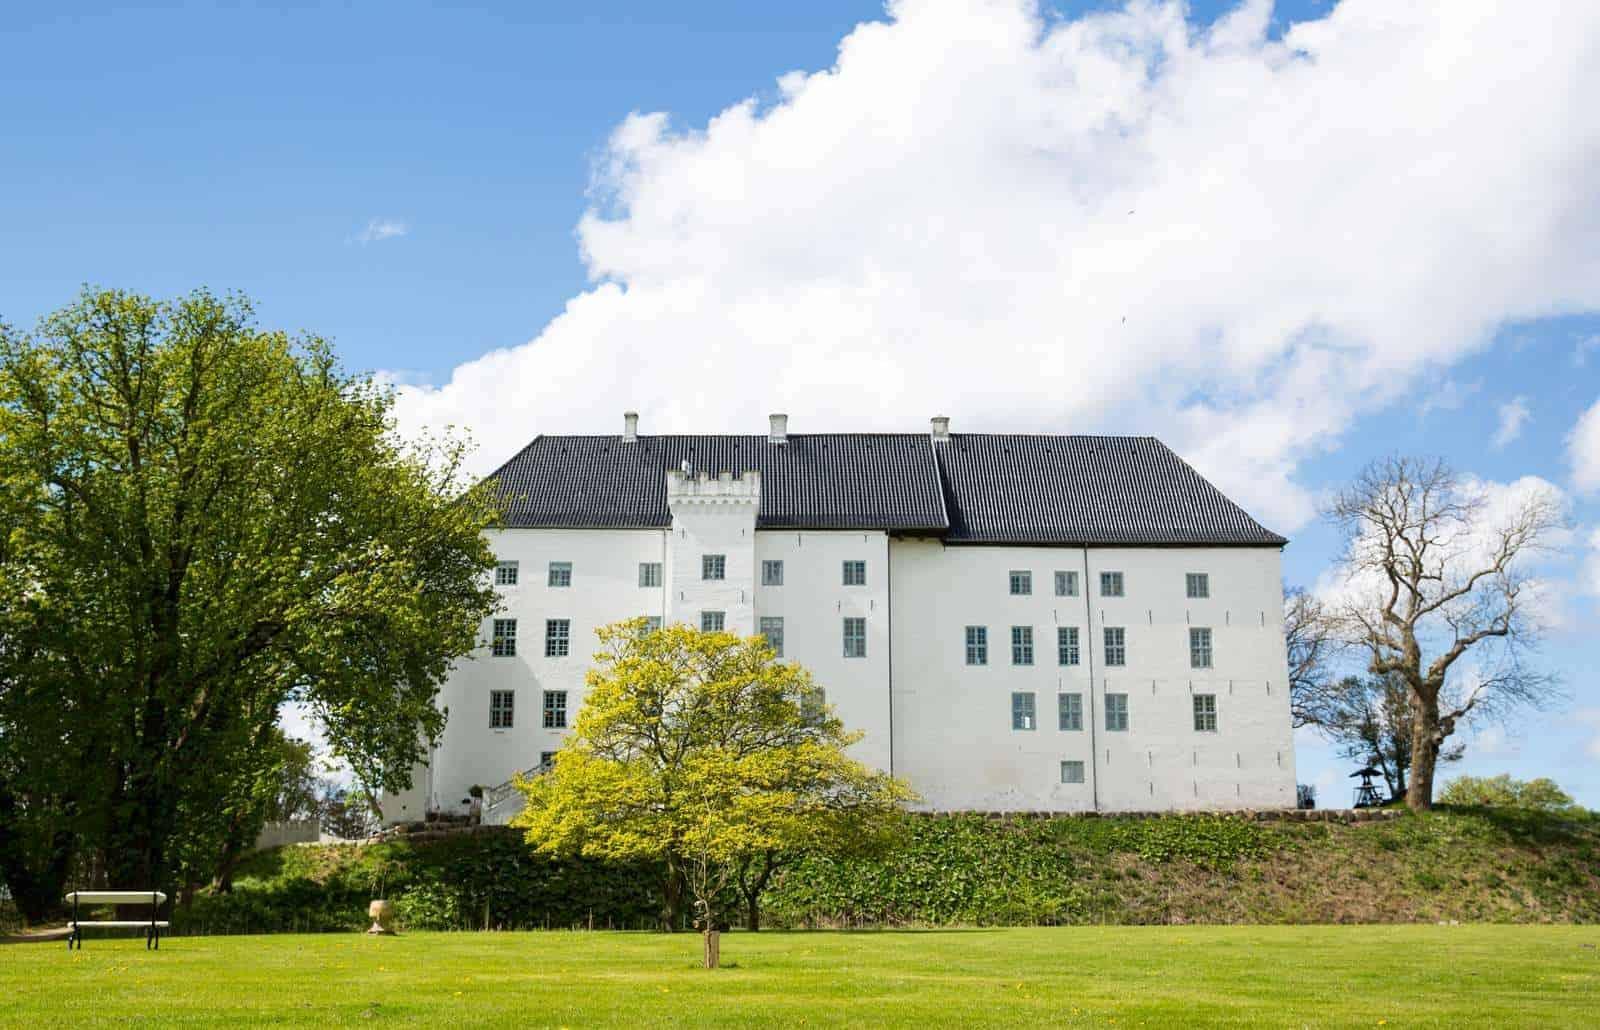 Dragsholm-Castle.